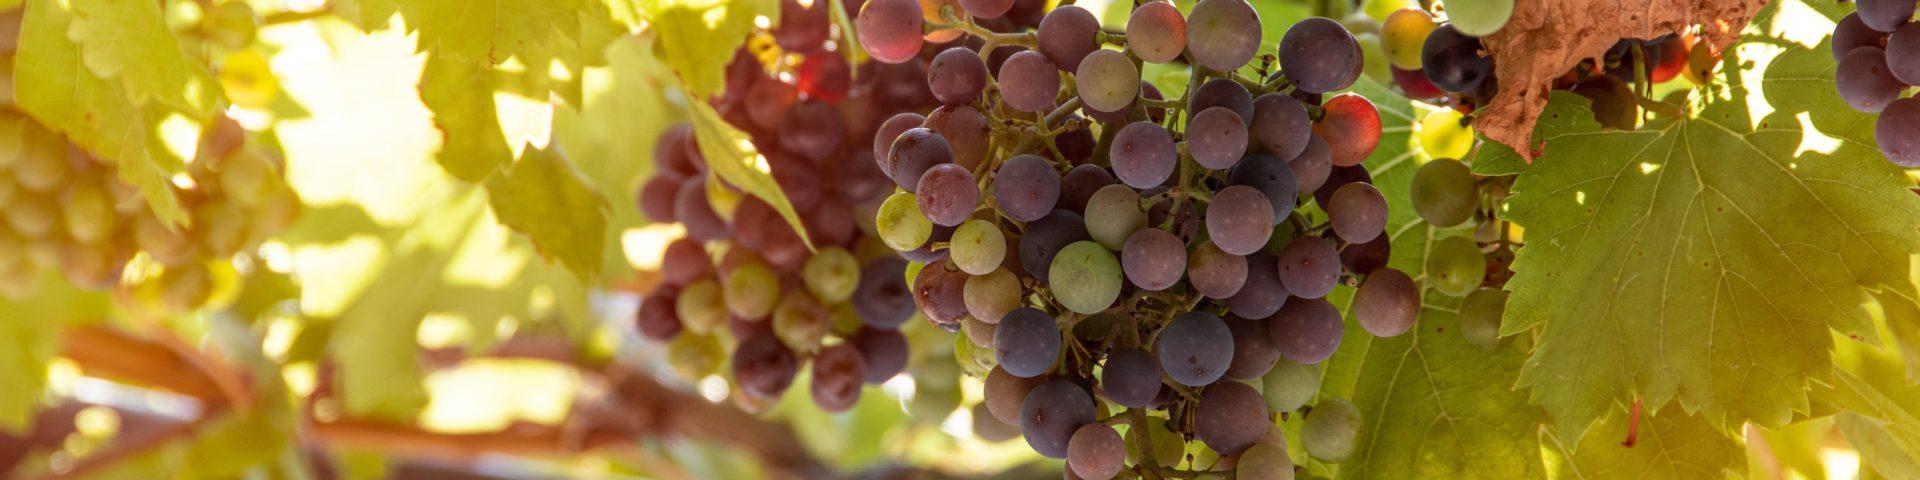 bunch of grapes 4610050 1920x480 - [Wiedza o winie] Co to jest wino?